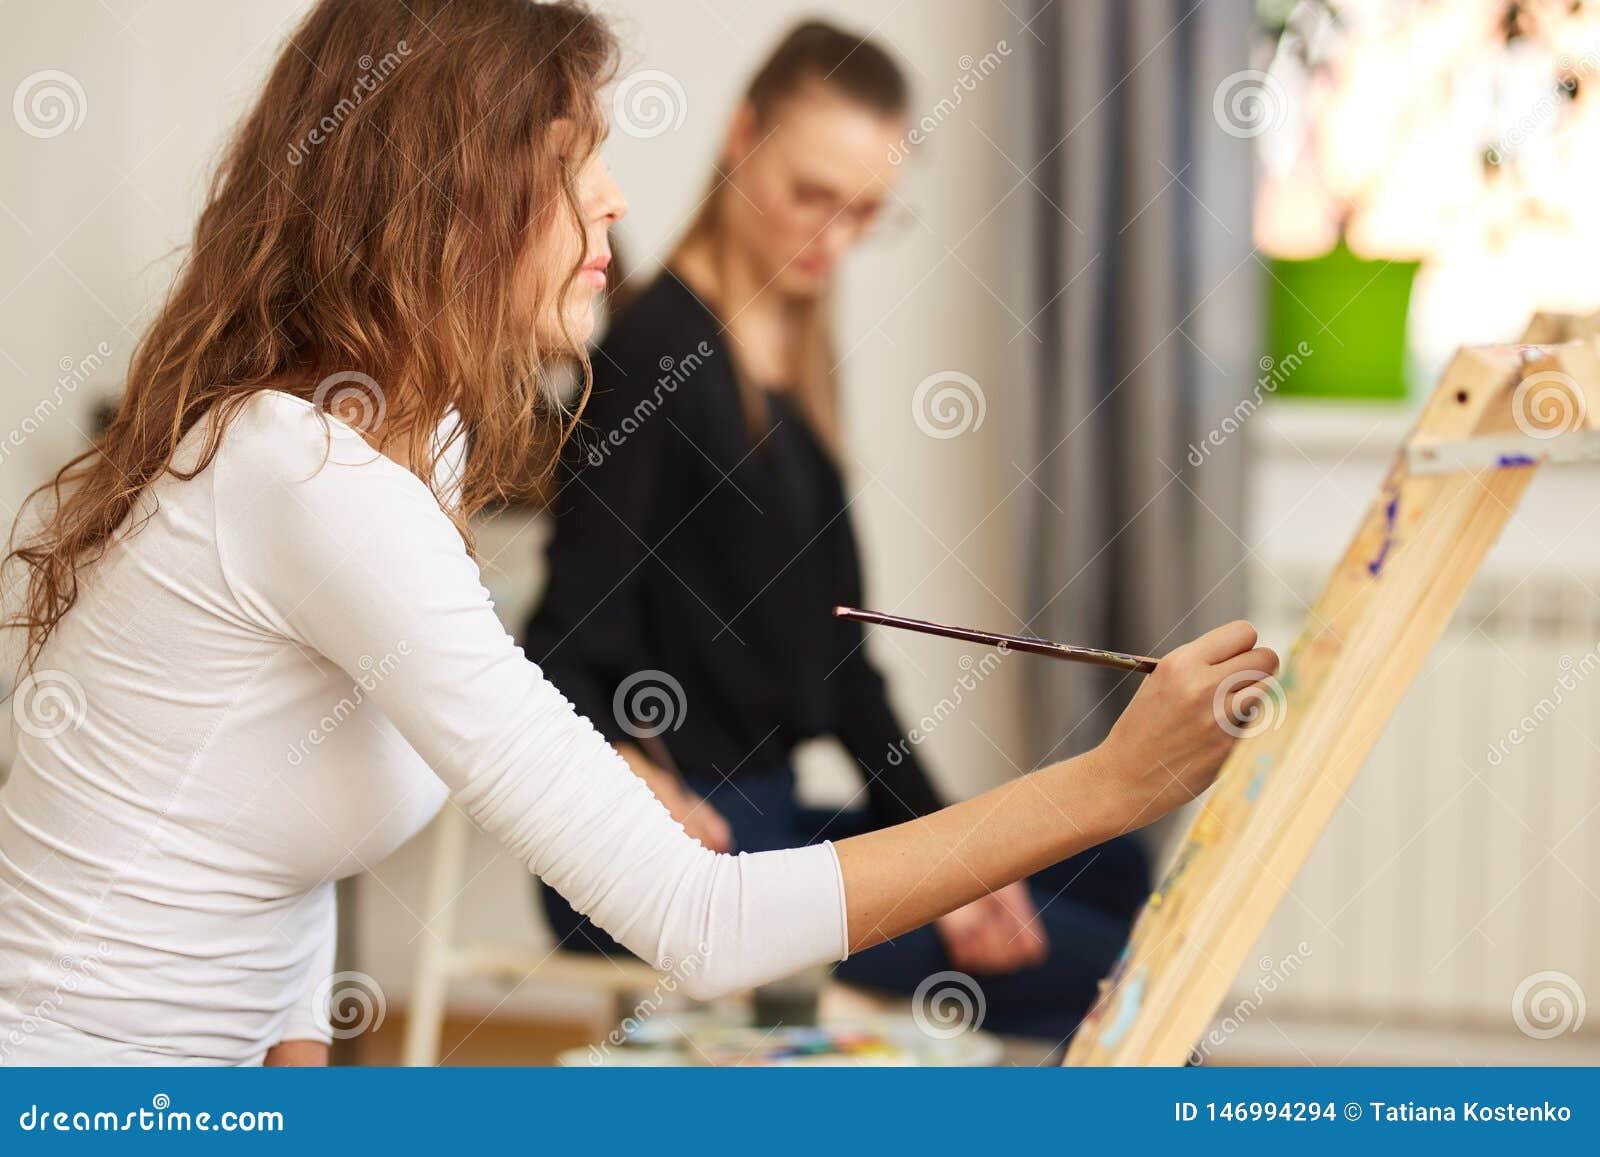 Το κορίτσι με την καφετιά σγουρή τρίχα που ντύνεται στην άσπρη μπλούζα χρωματίζει μια εικόνα easel στο σχολείο σχεδίων